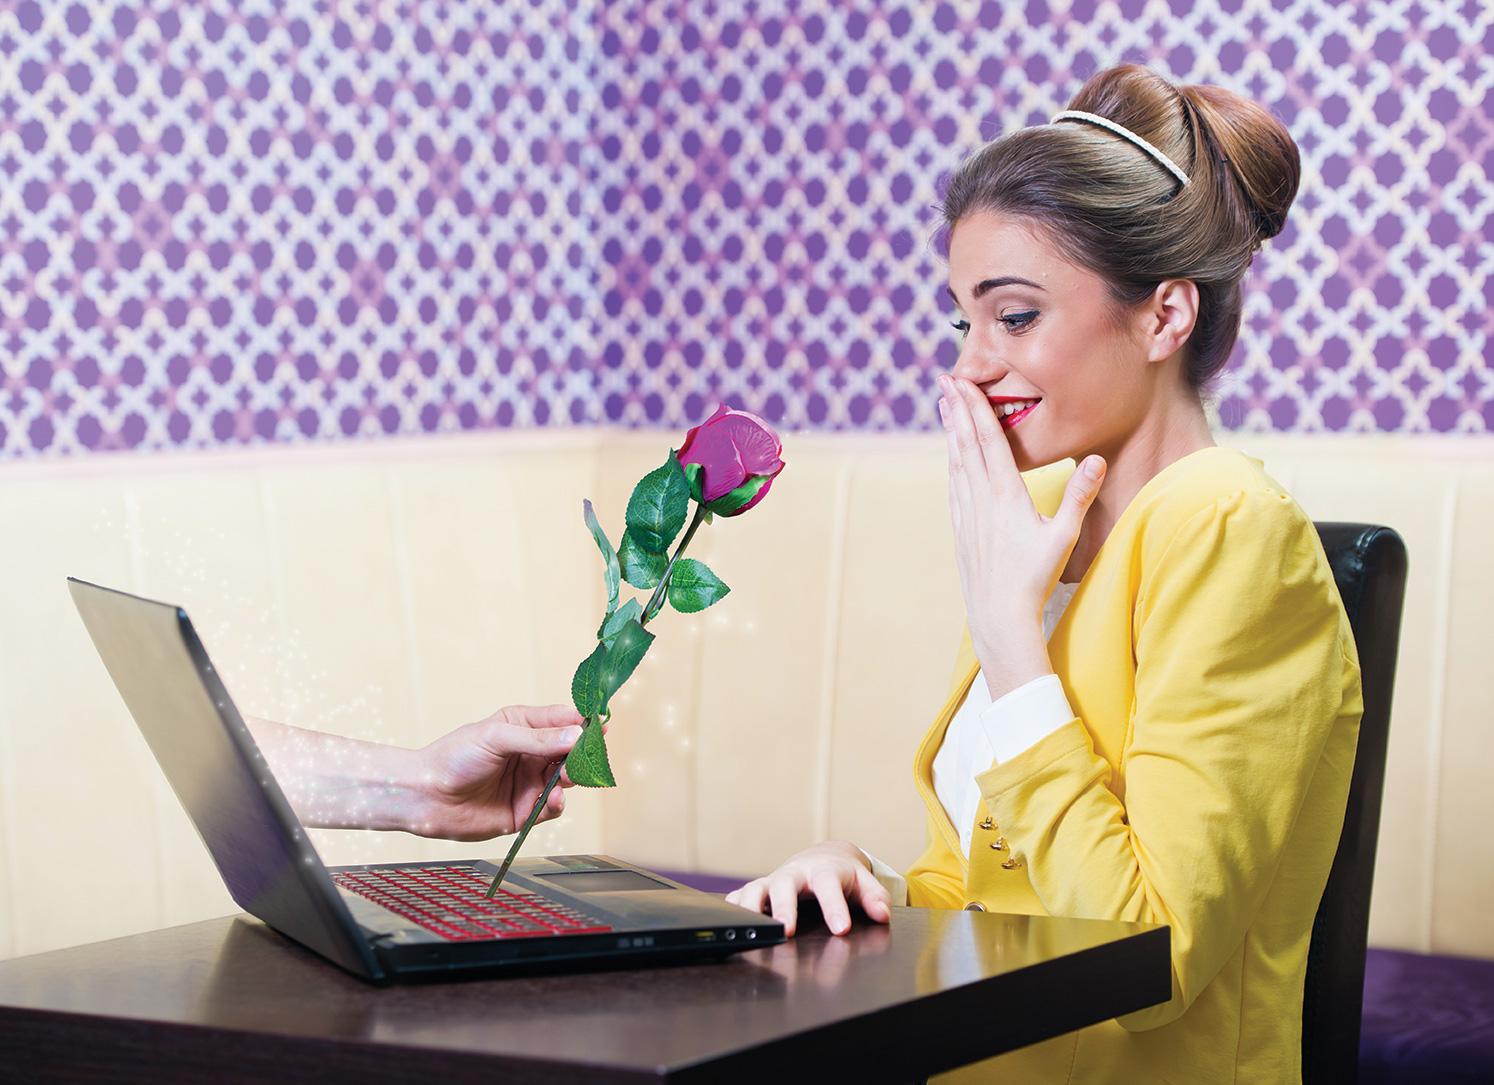 Opinião: Webnamoro é progresso ou retrocesso do relacionamento